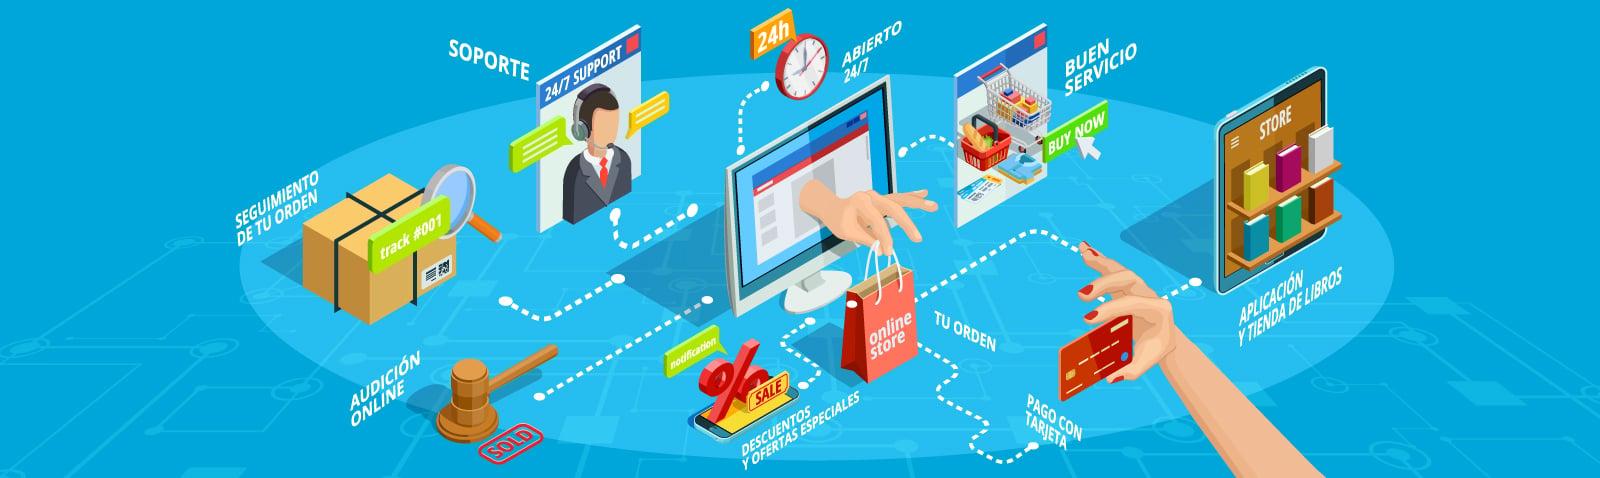 885471c11 El 2019 es el año de las compras online